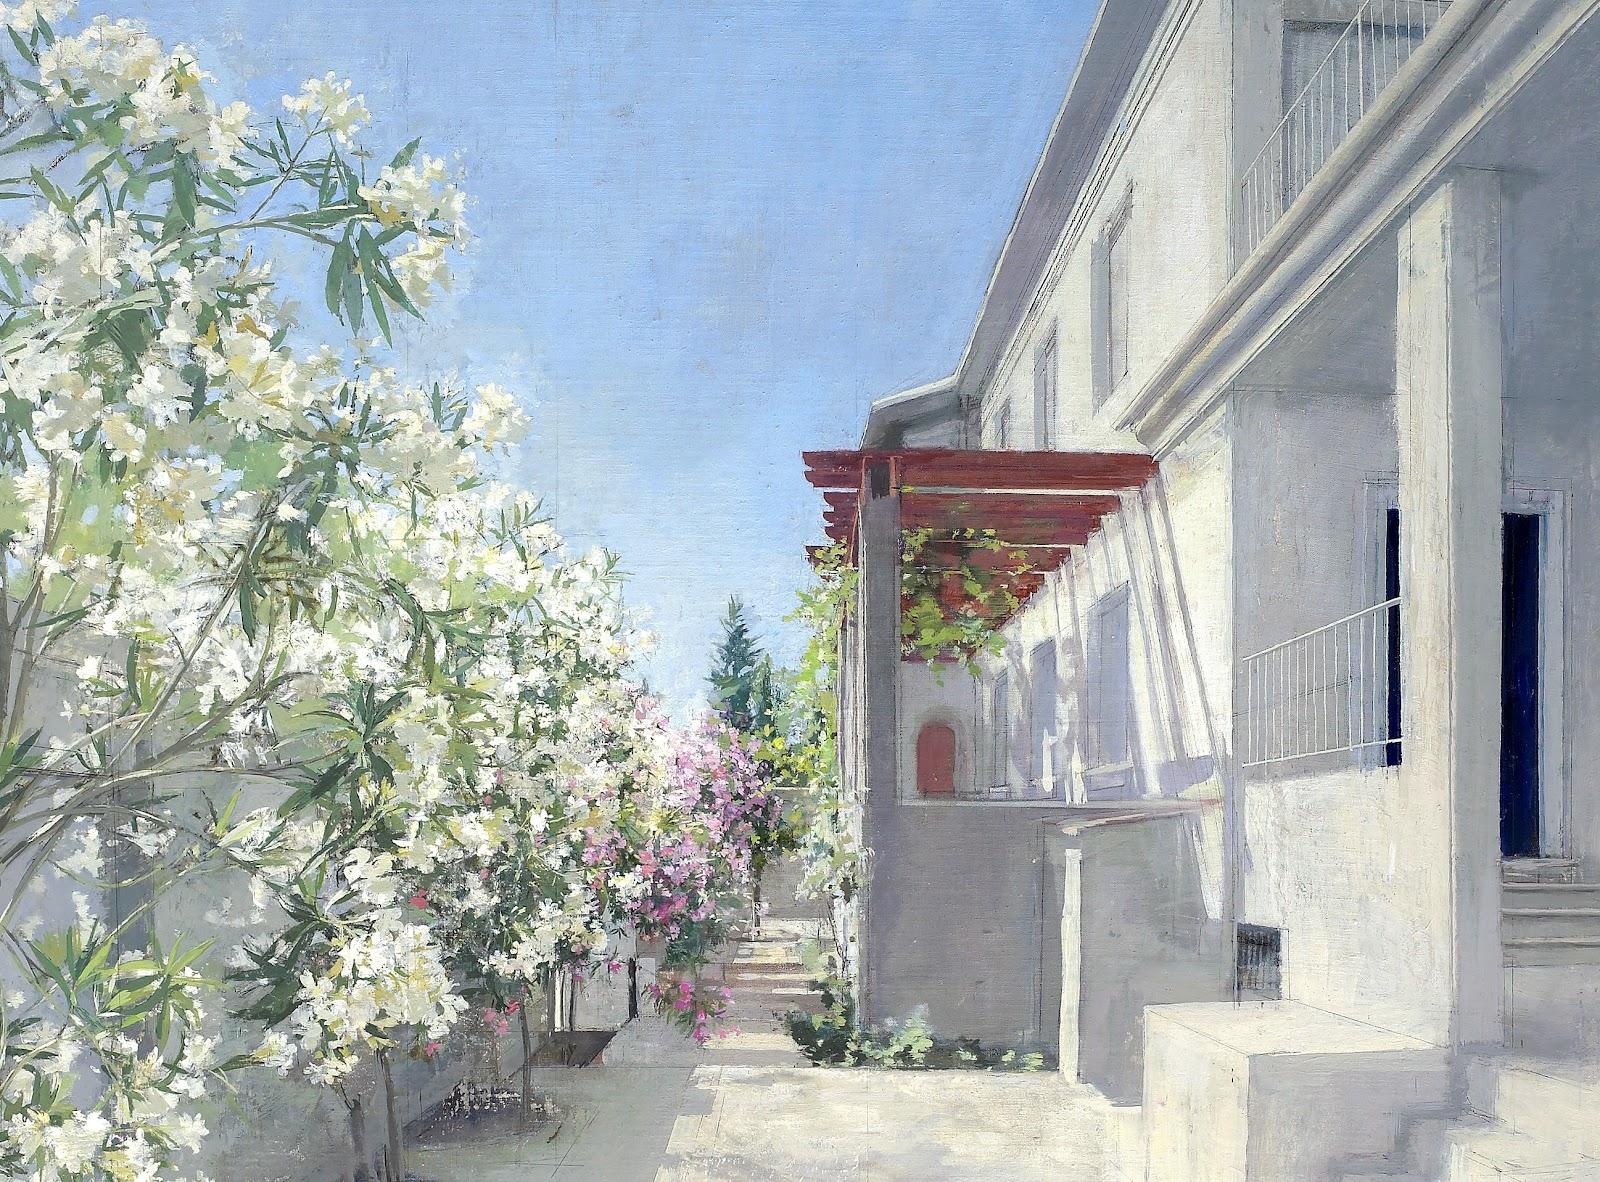 Algargos arte e historia realistas de madrid escenarios for Jardin 3 marias